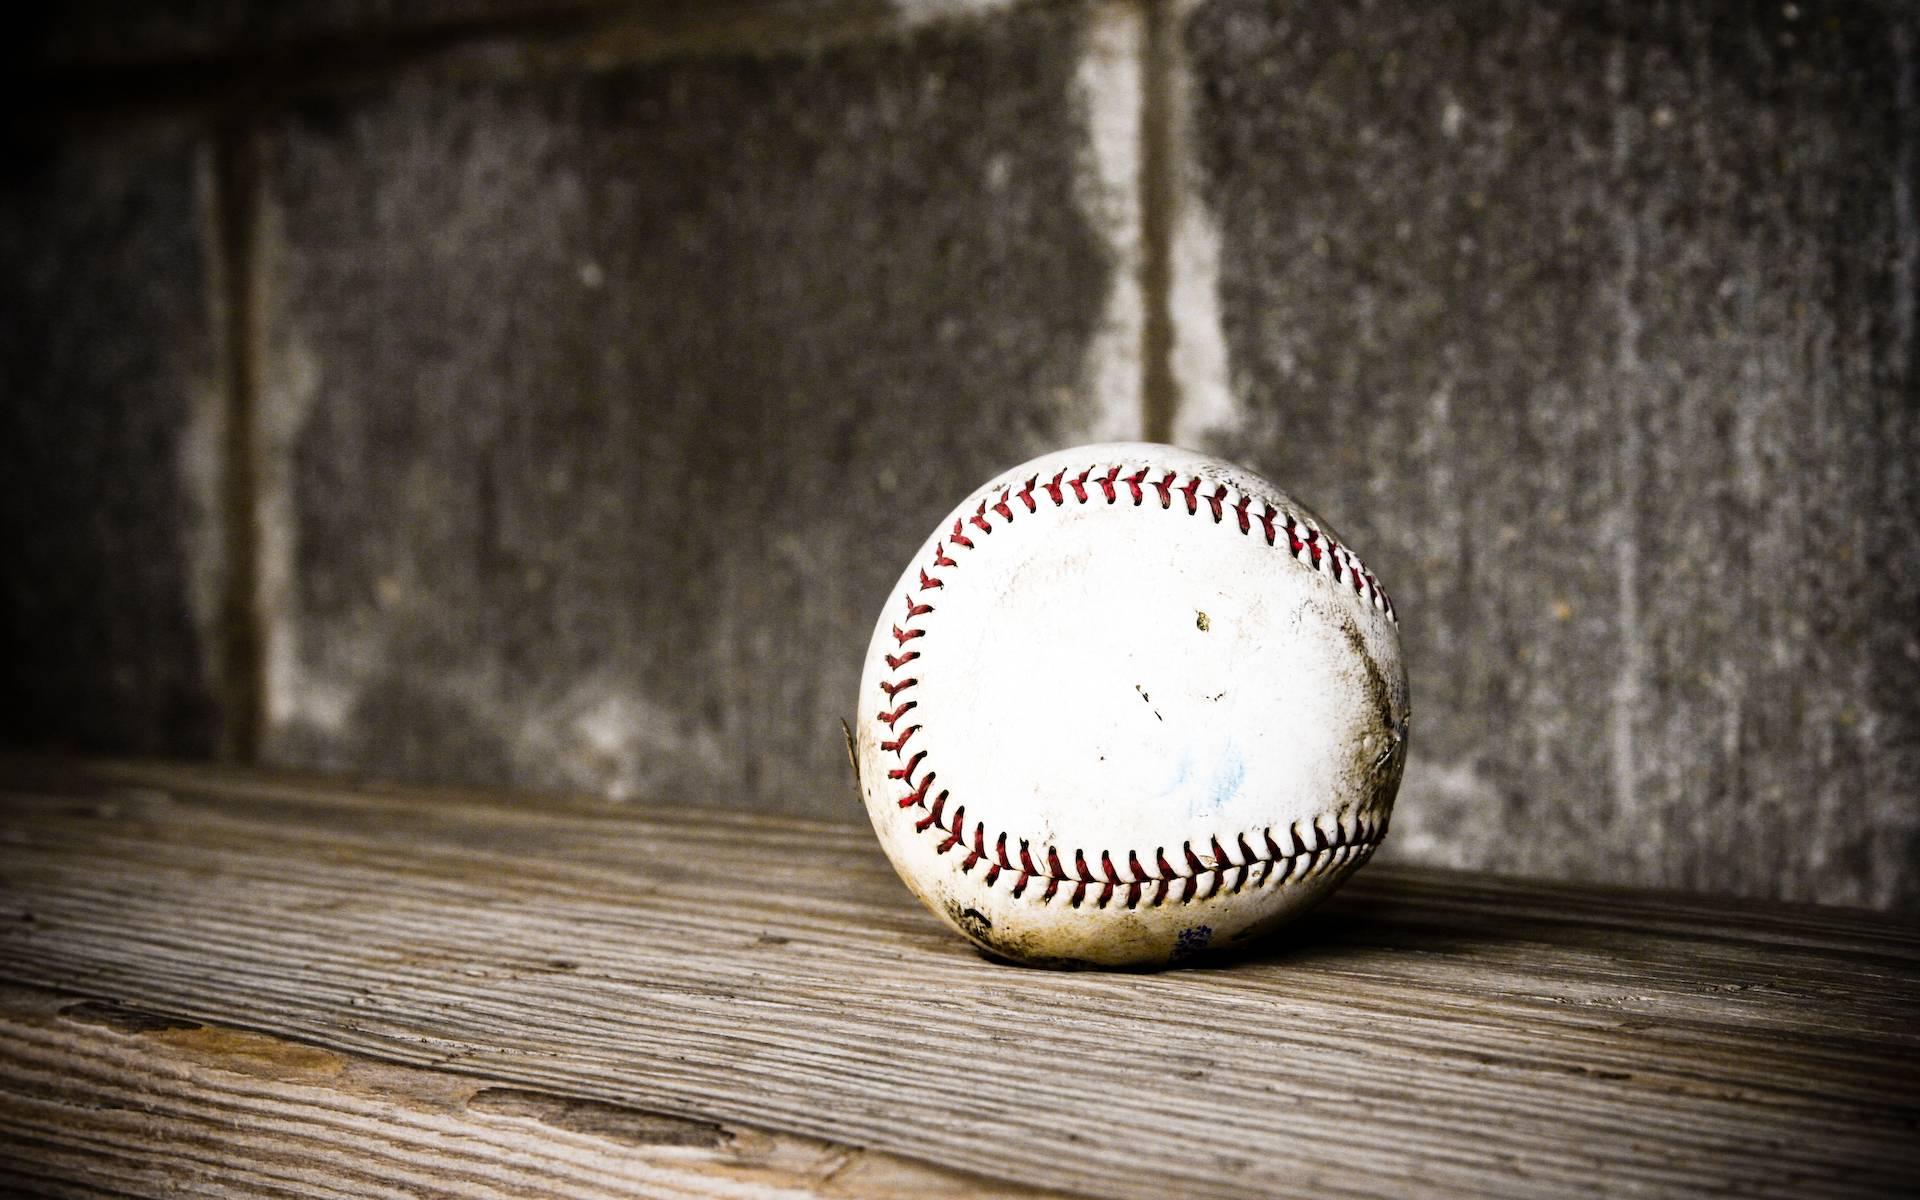 Baseball Wallpapers 1920x1200